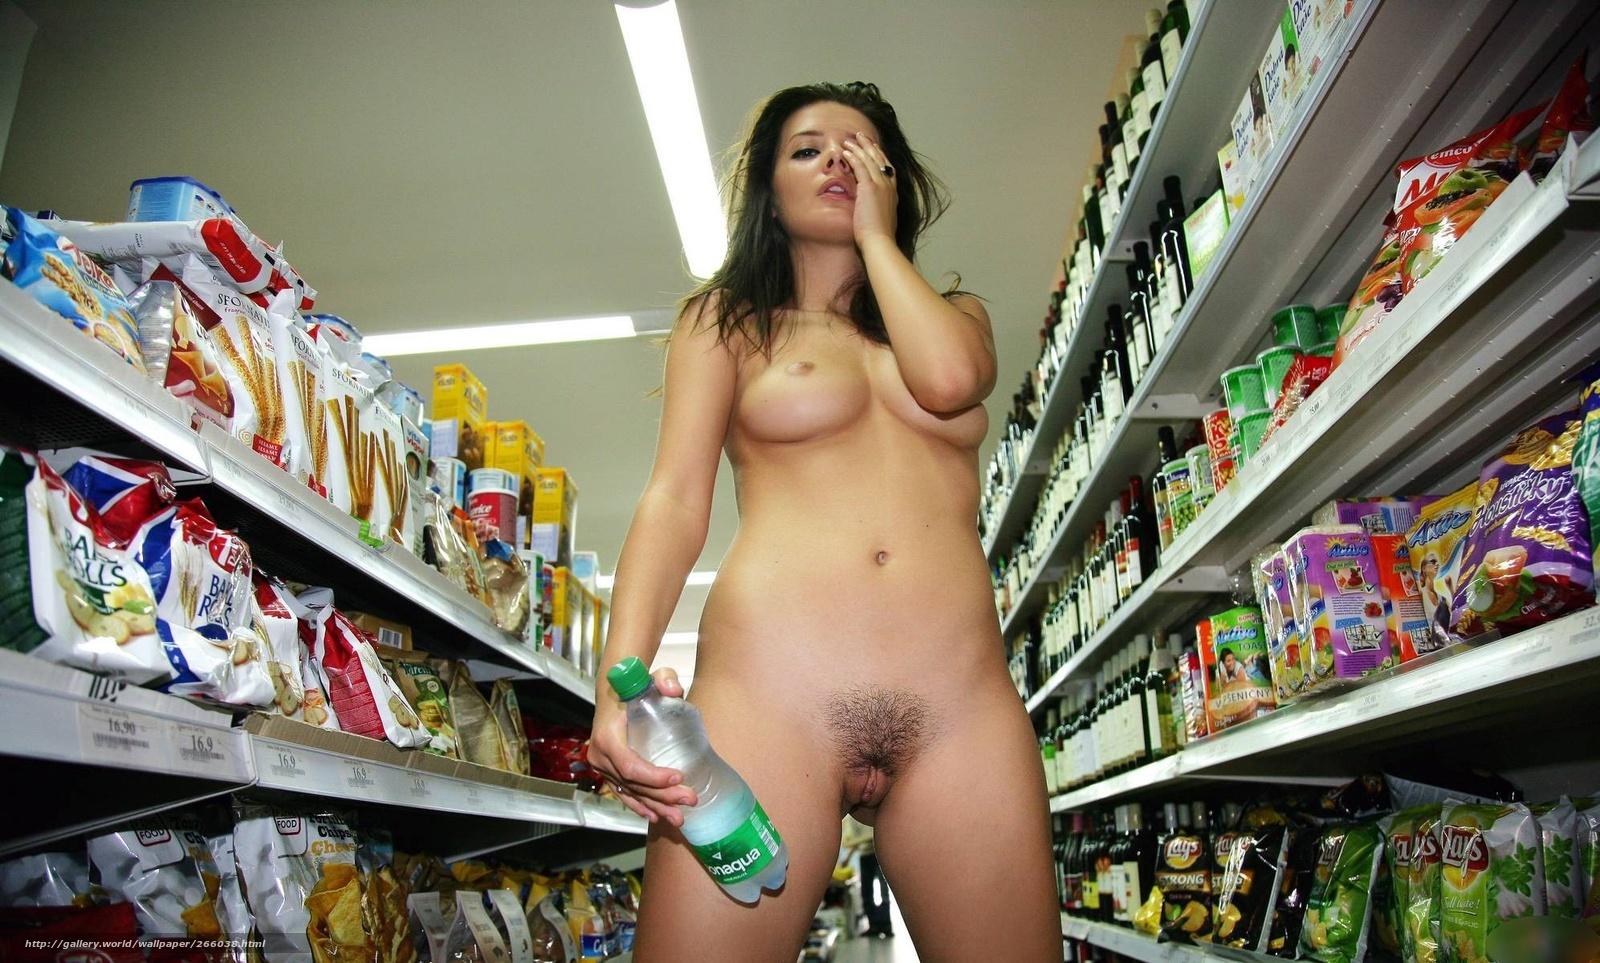 Секс фото в магазине одежды 25 фотография